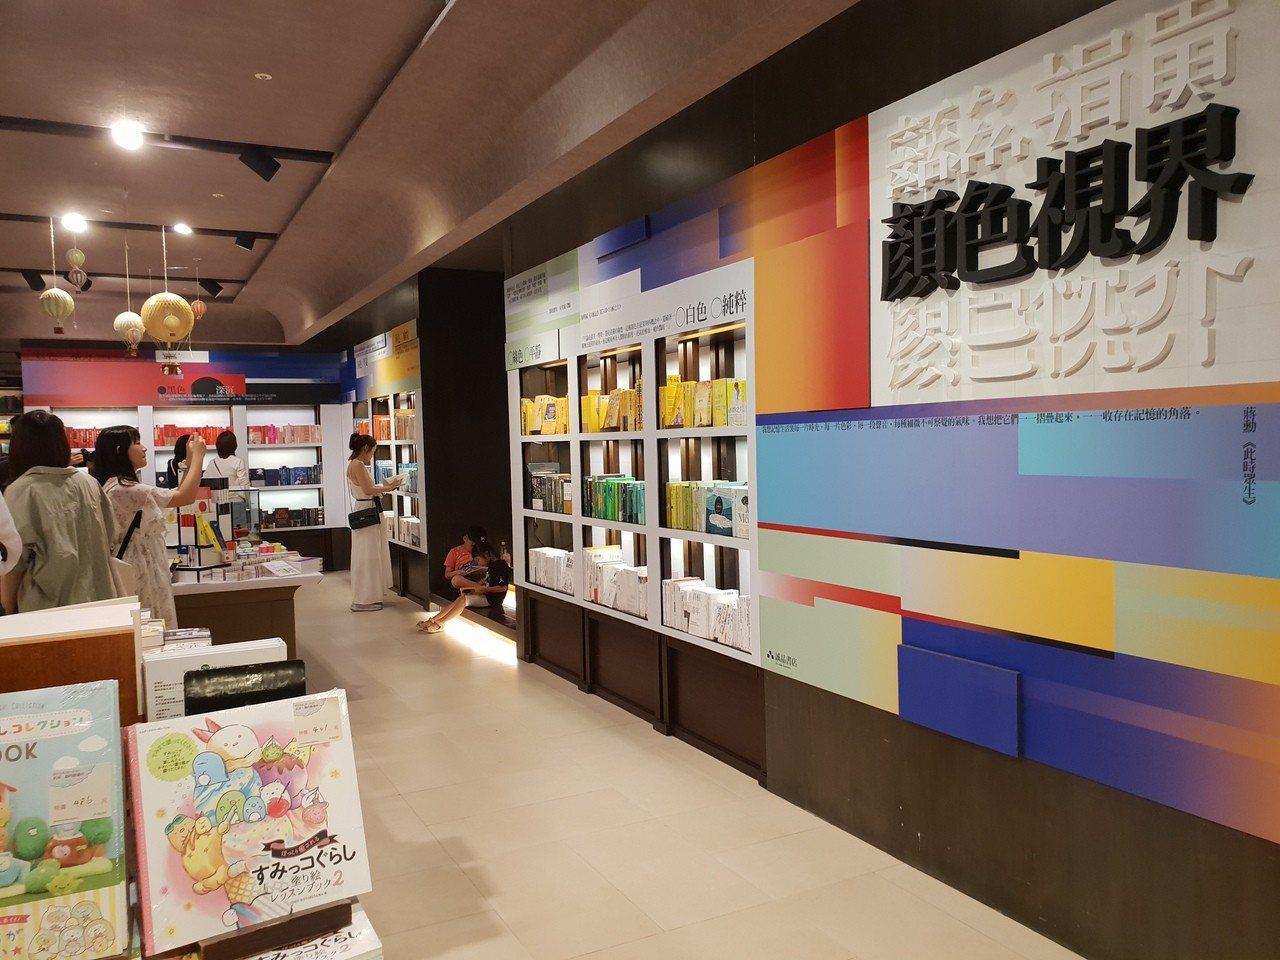 誠品敦南店舉辦「顏色視界主題書展」呼應,打破書本分類邏輯,以紅、黃、綠、藍、紫、...